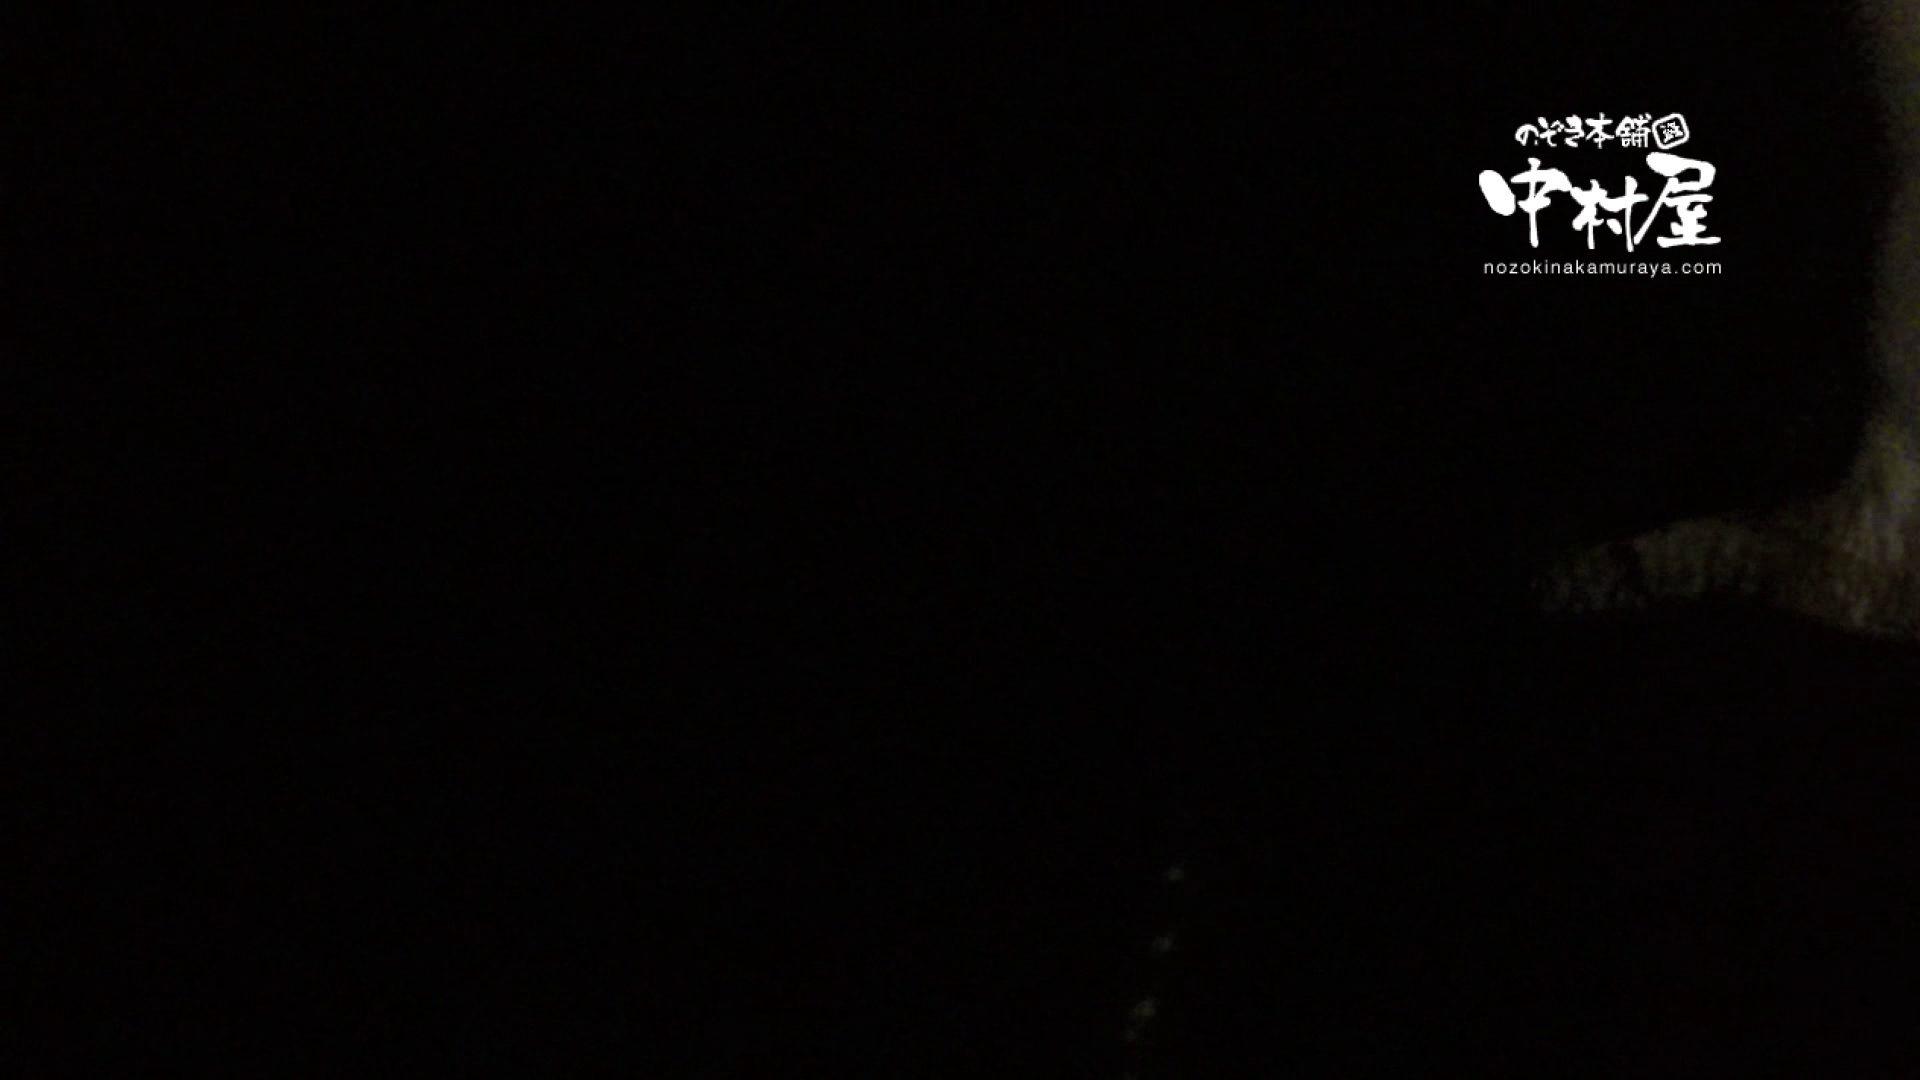 鬼畜 vol.06 中出し処刑! 後編 鬼畜 盗撮動画紹介 96pic 26